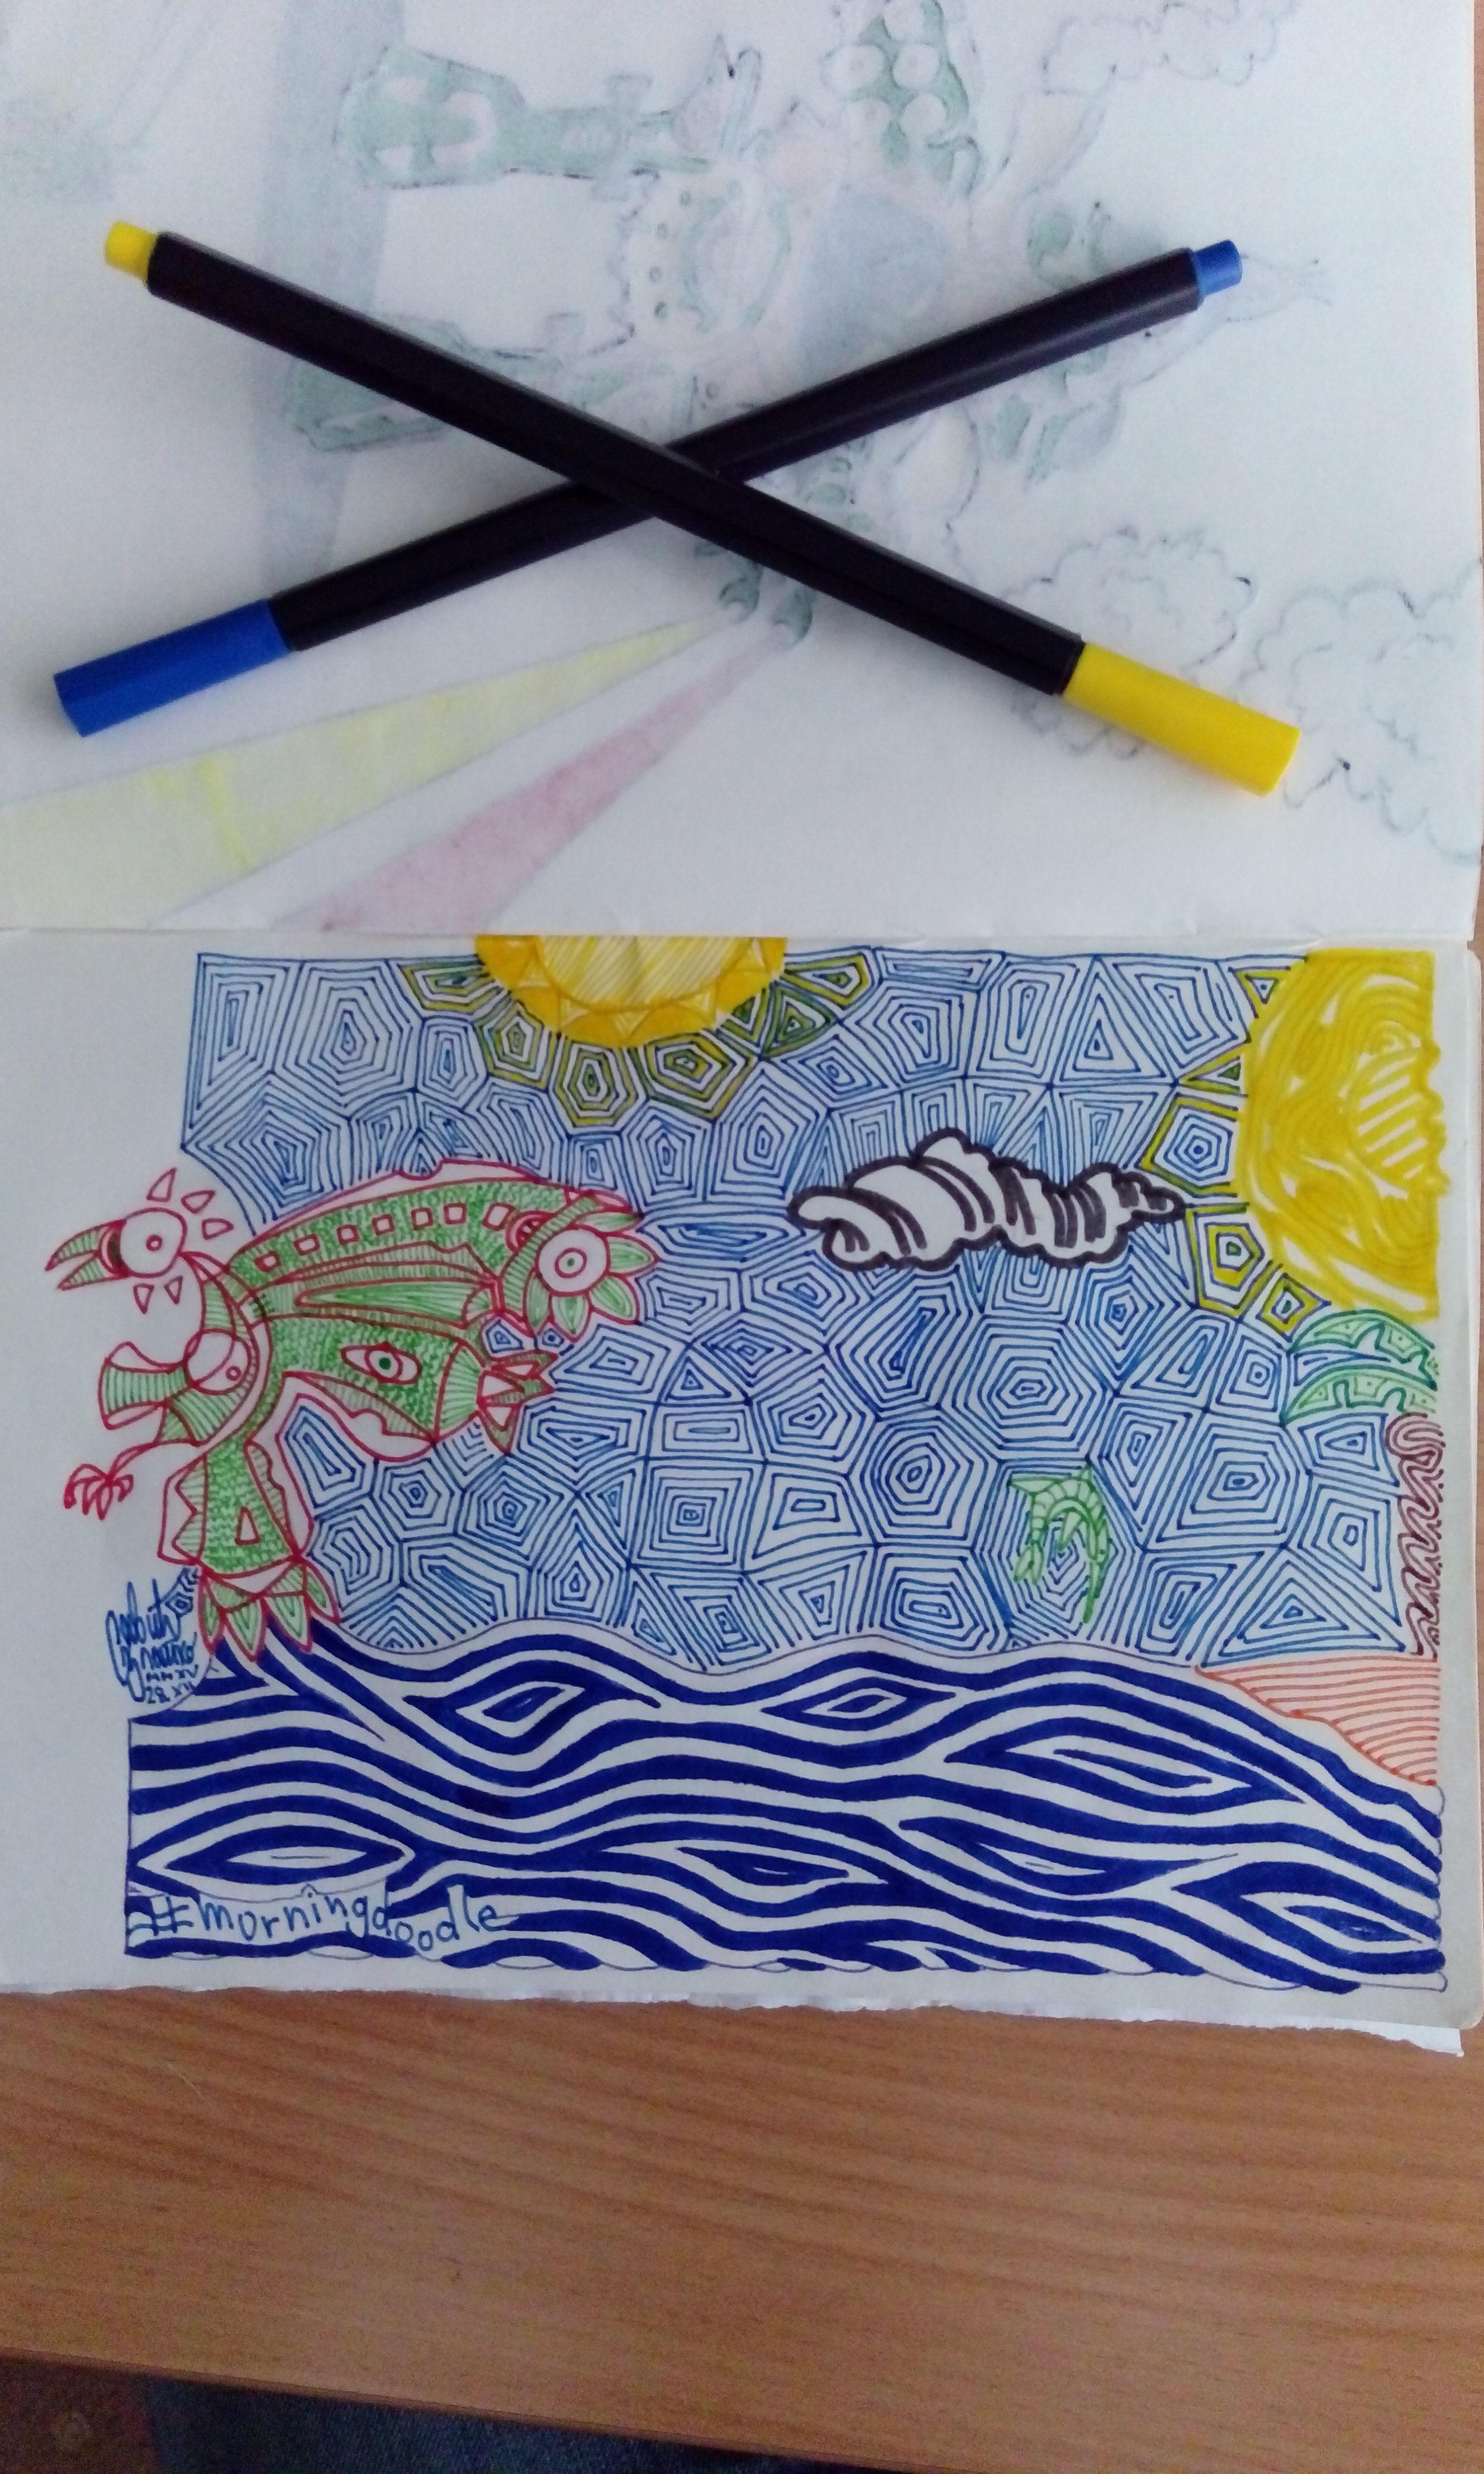 Morning doodle - 28. XII '15. - Bird of Paradise by zlajonja